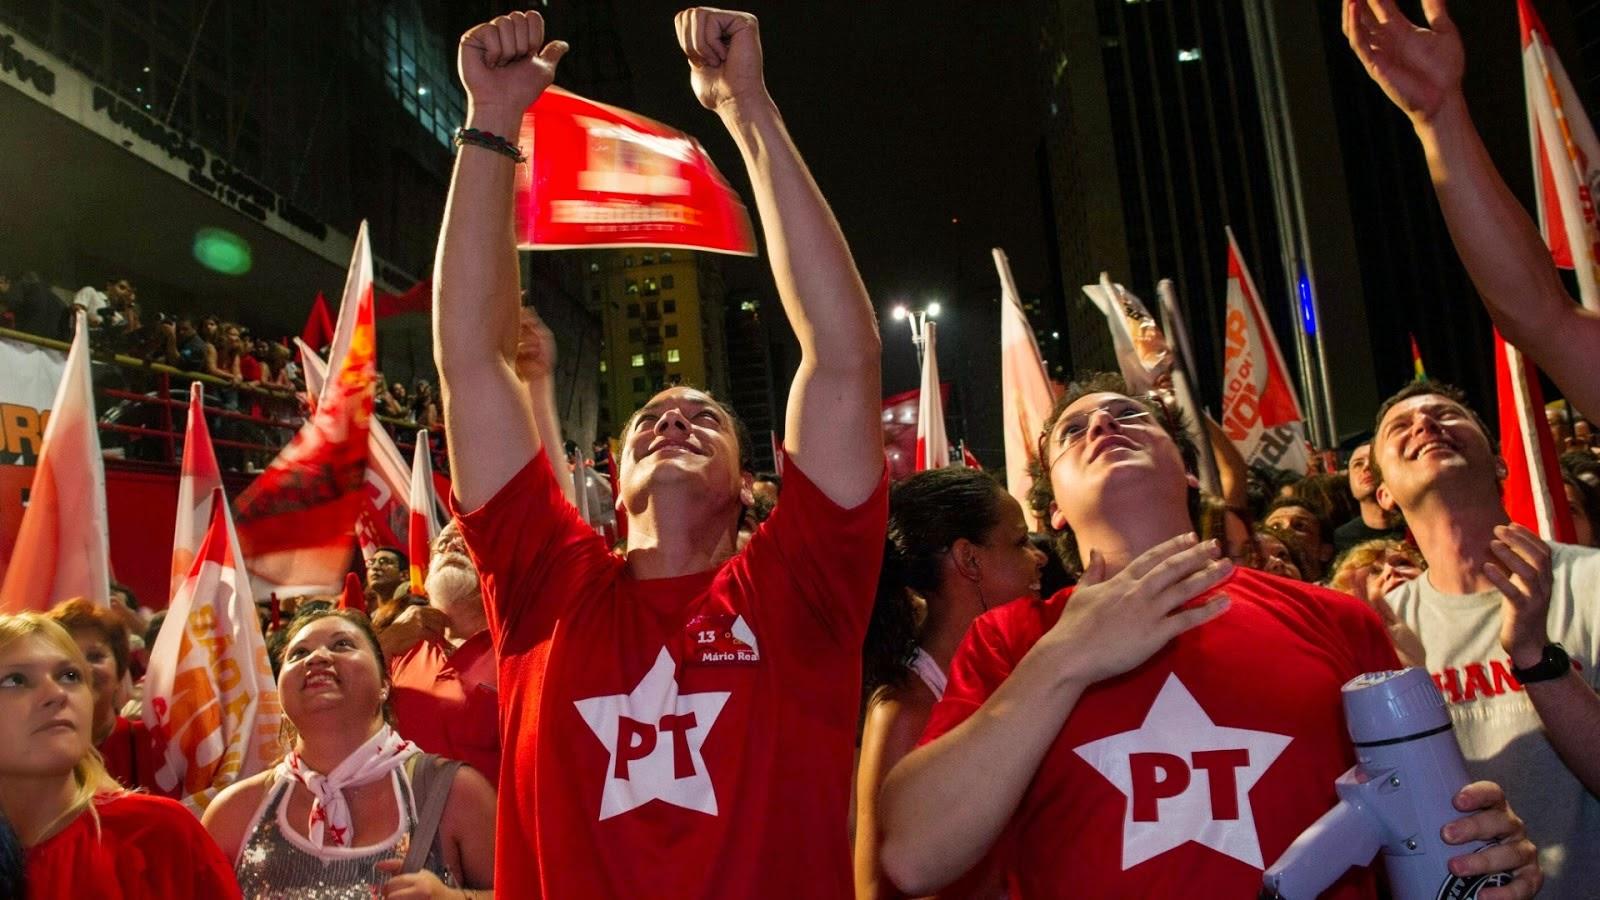 Petistas Agridem Manifestantes - Um Asno